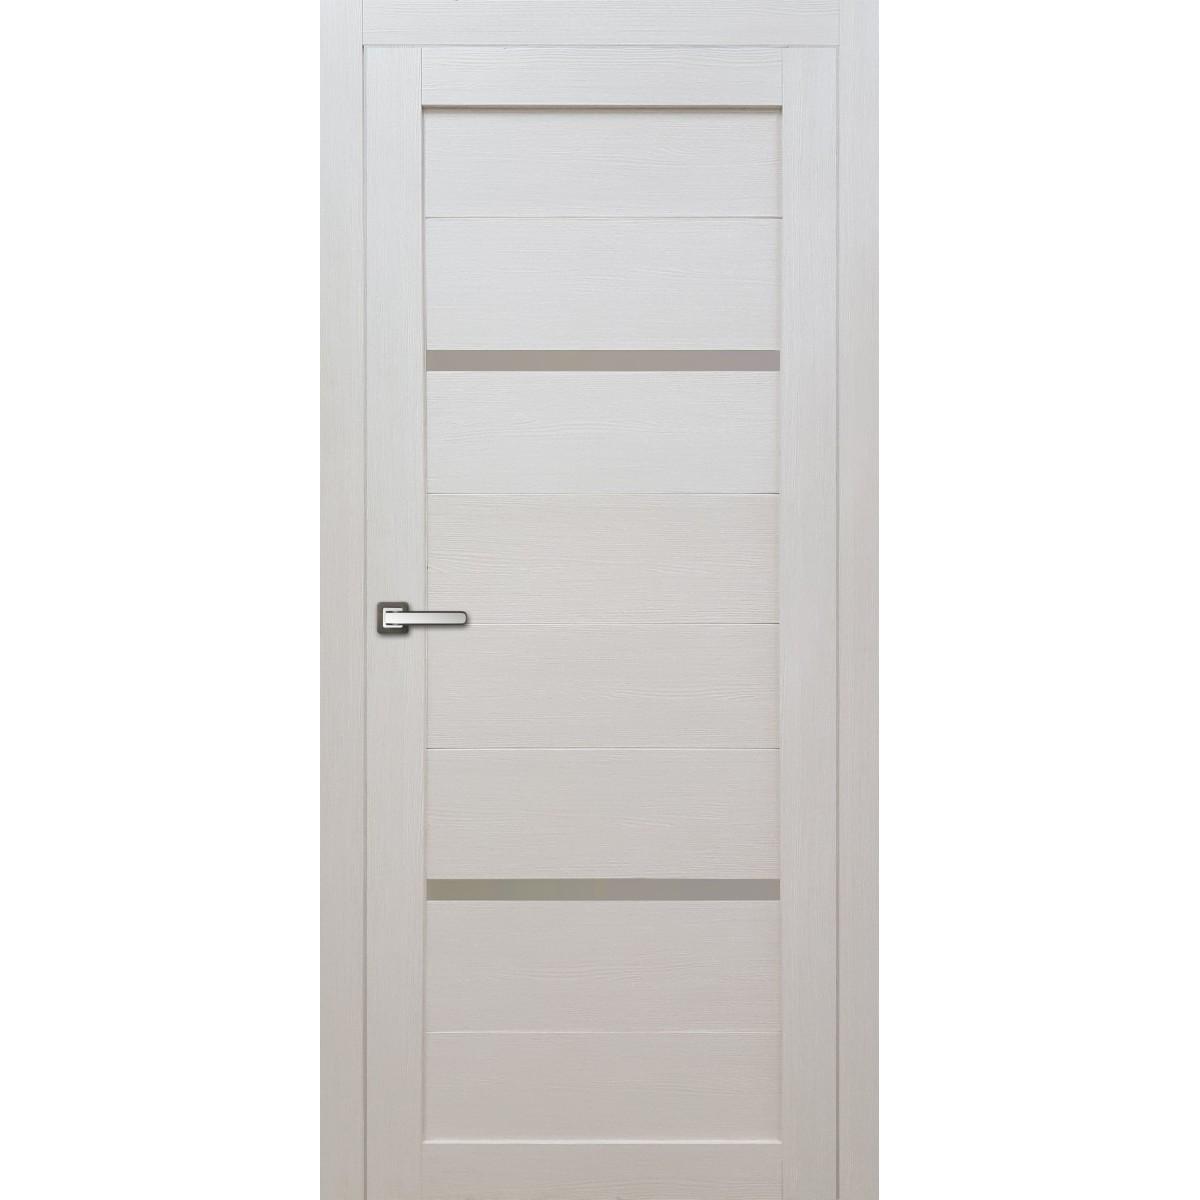 Дверь Межкомнатная Остеклённая Бэлла 80x200 Ламинация Цвет Кремовый С Фурнитурой